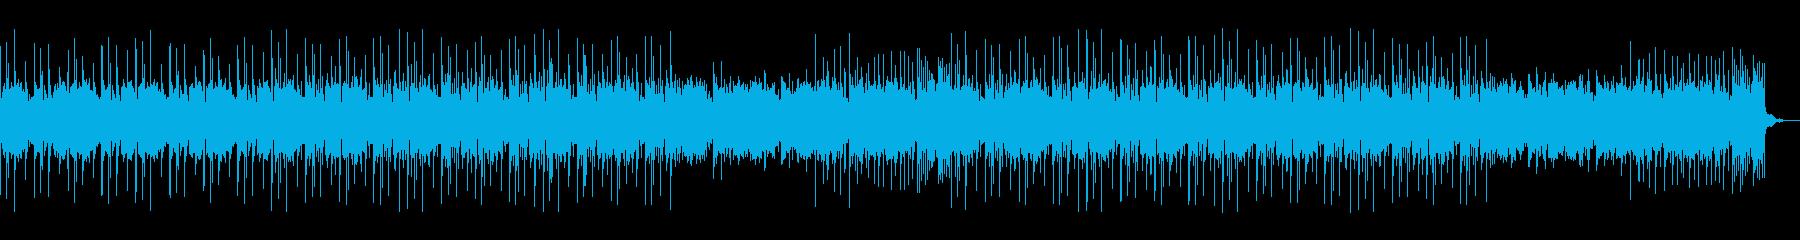 カフェテラス・リラックスオープニングの再生済みの波形